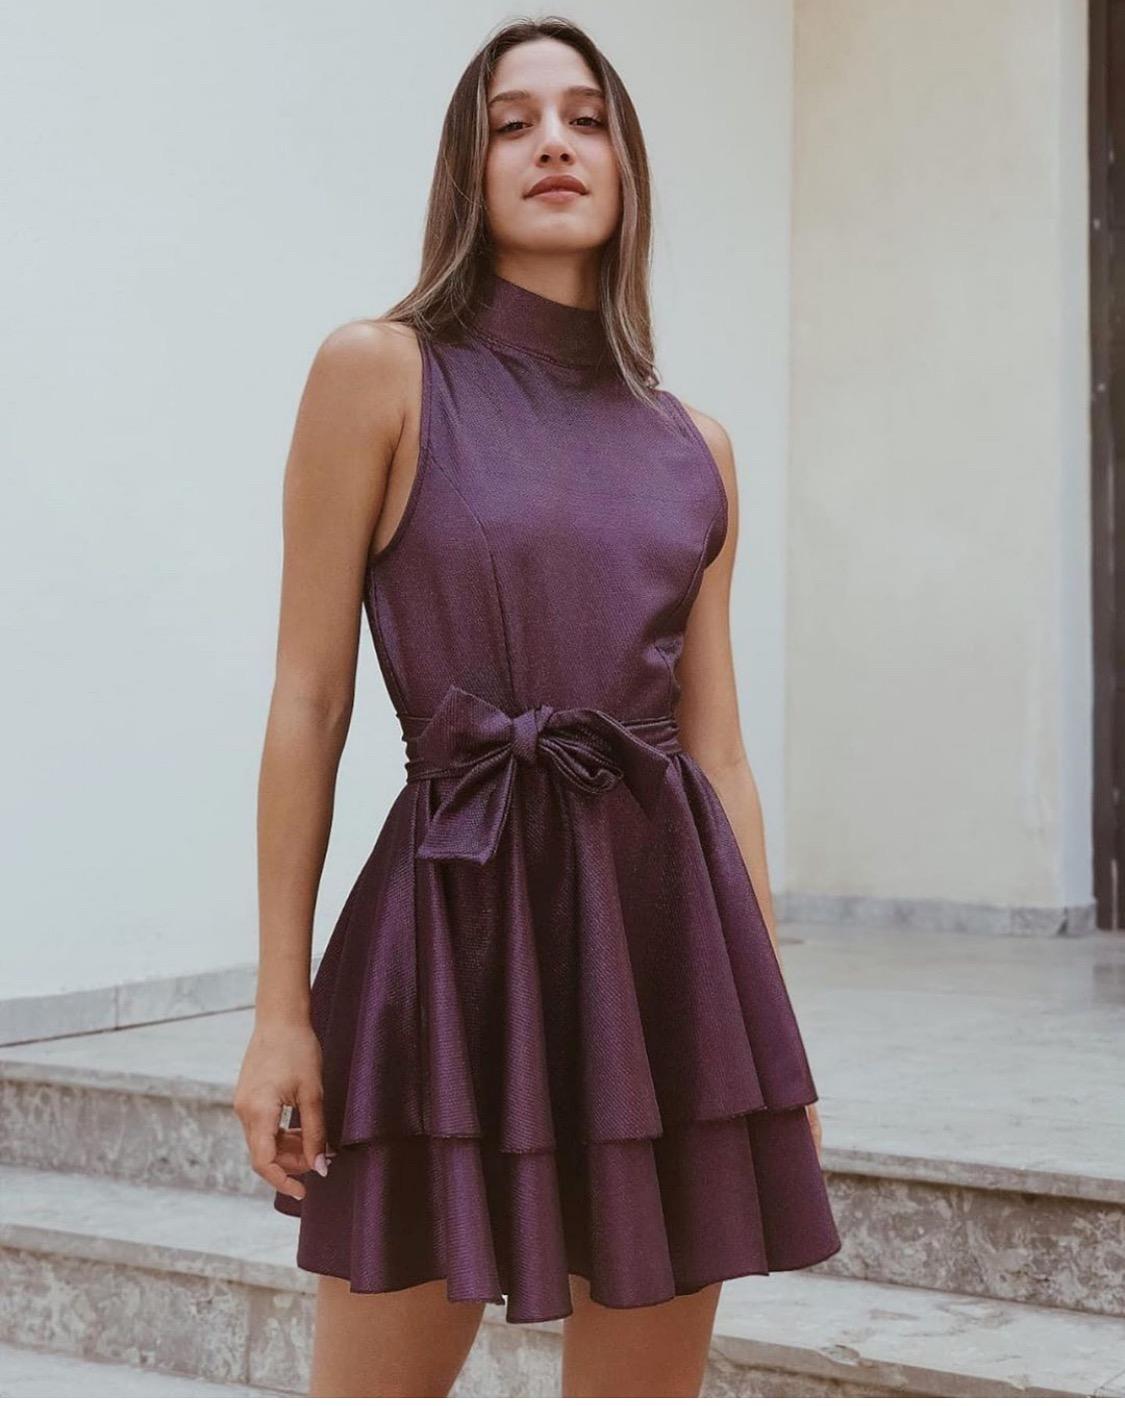 שמלת מיה קלוש לורקס - סגולה